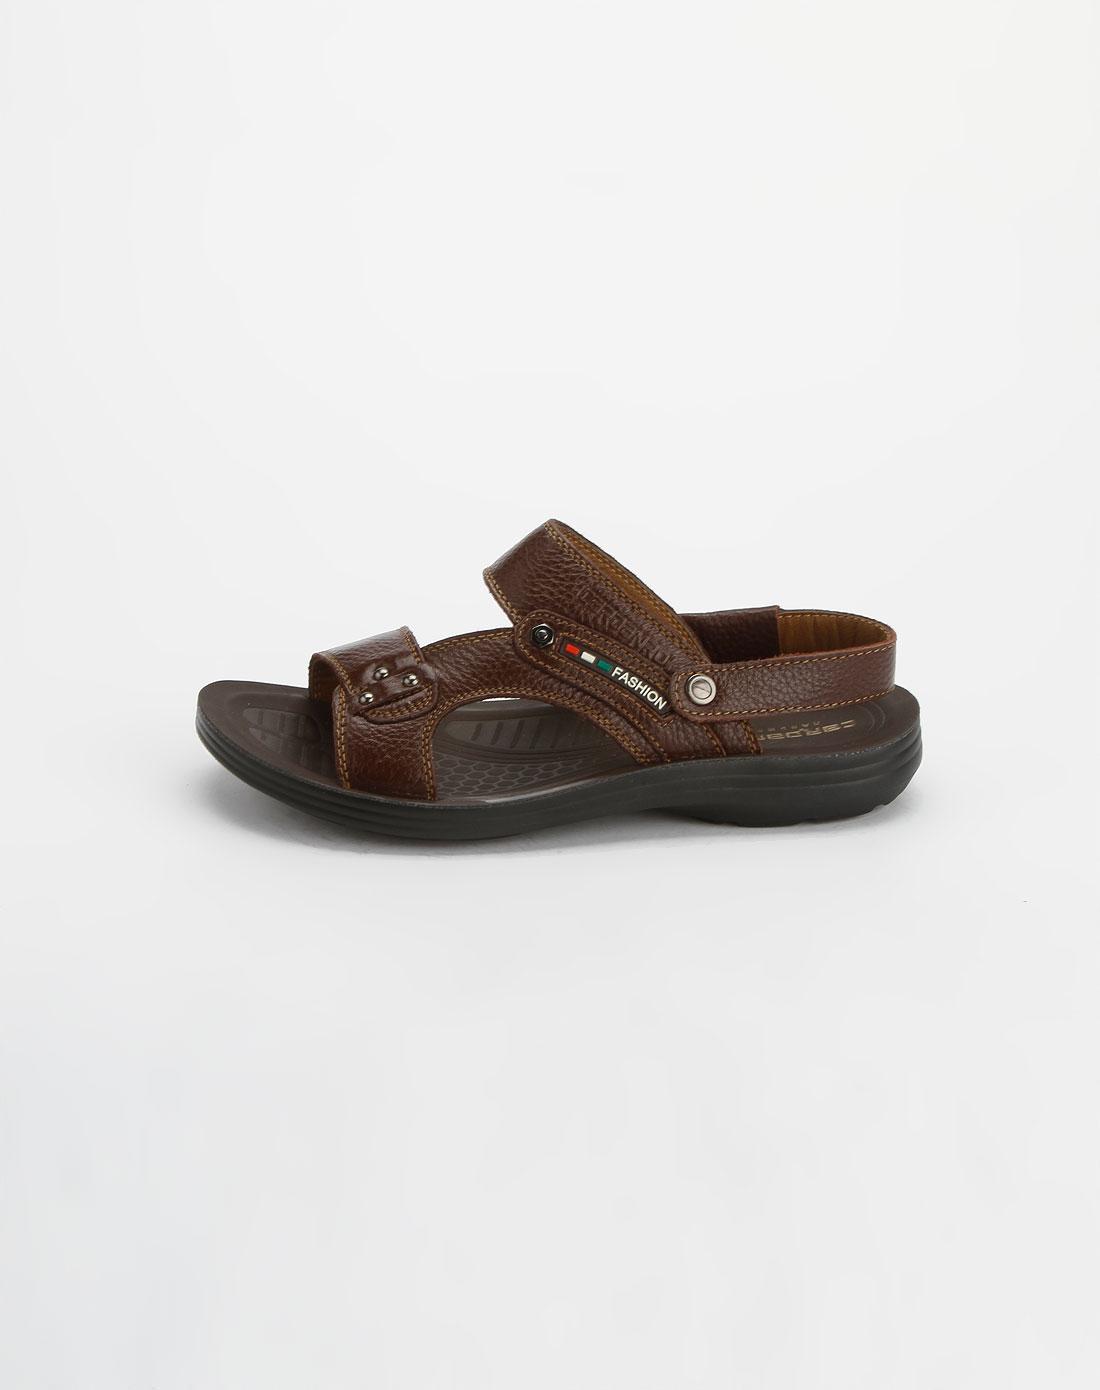 卡丹路cardanro男鞋专场-棕色时尚凉鞋